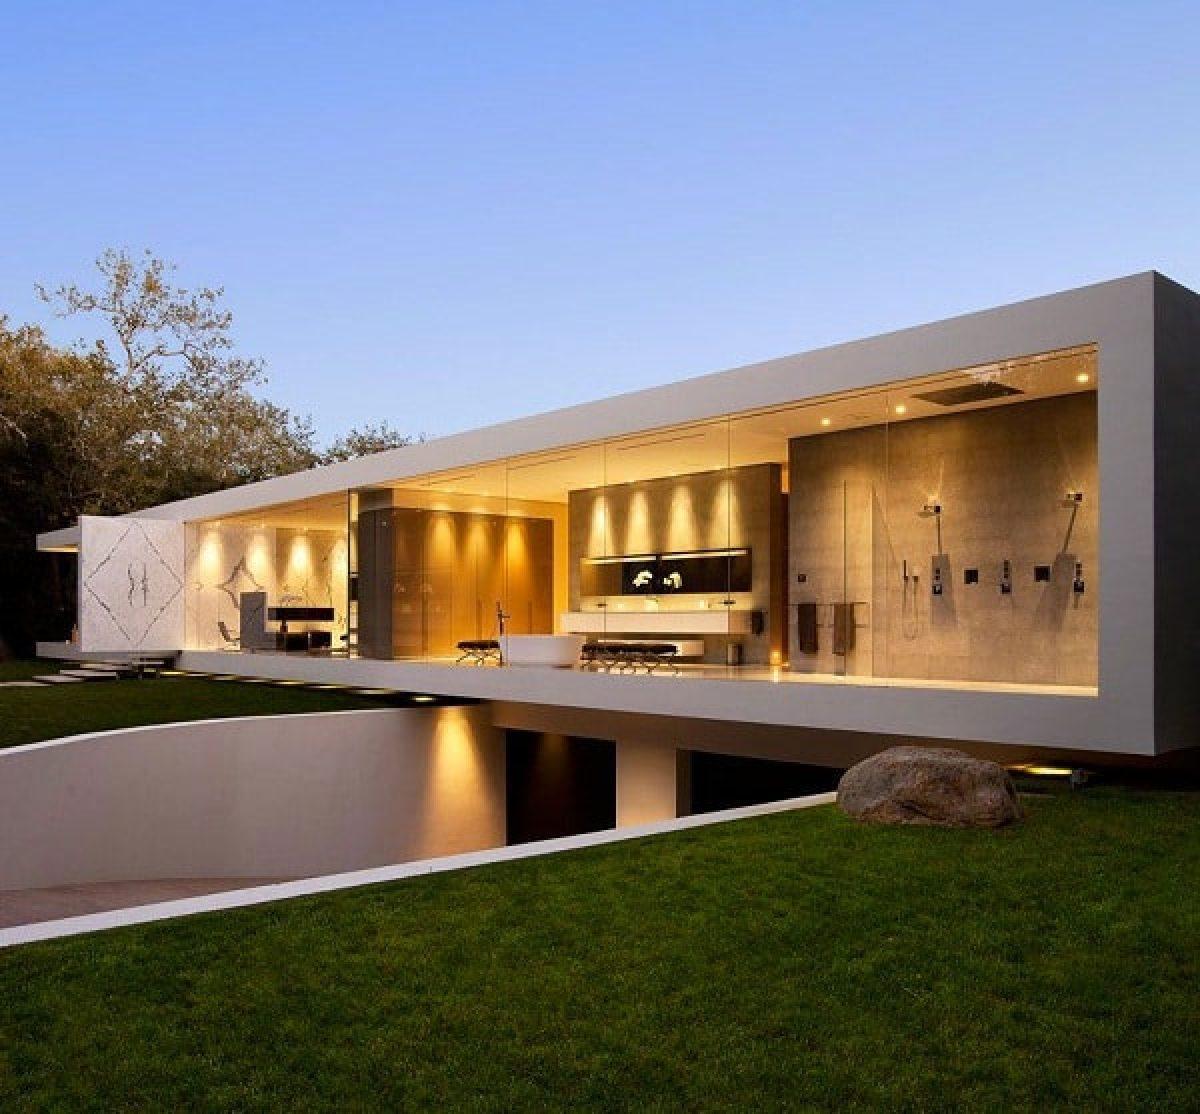 5 Model Rumah Minimalis Terbaik Di Dunia Dan Terbaru Rumah minimalis terbaik di dunia